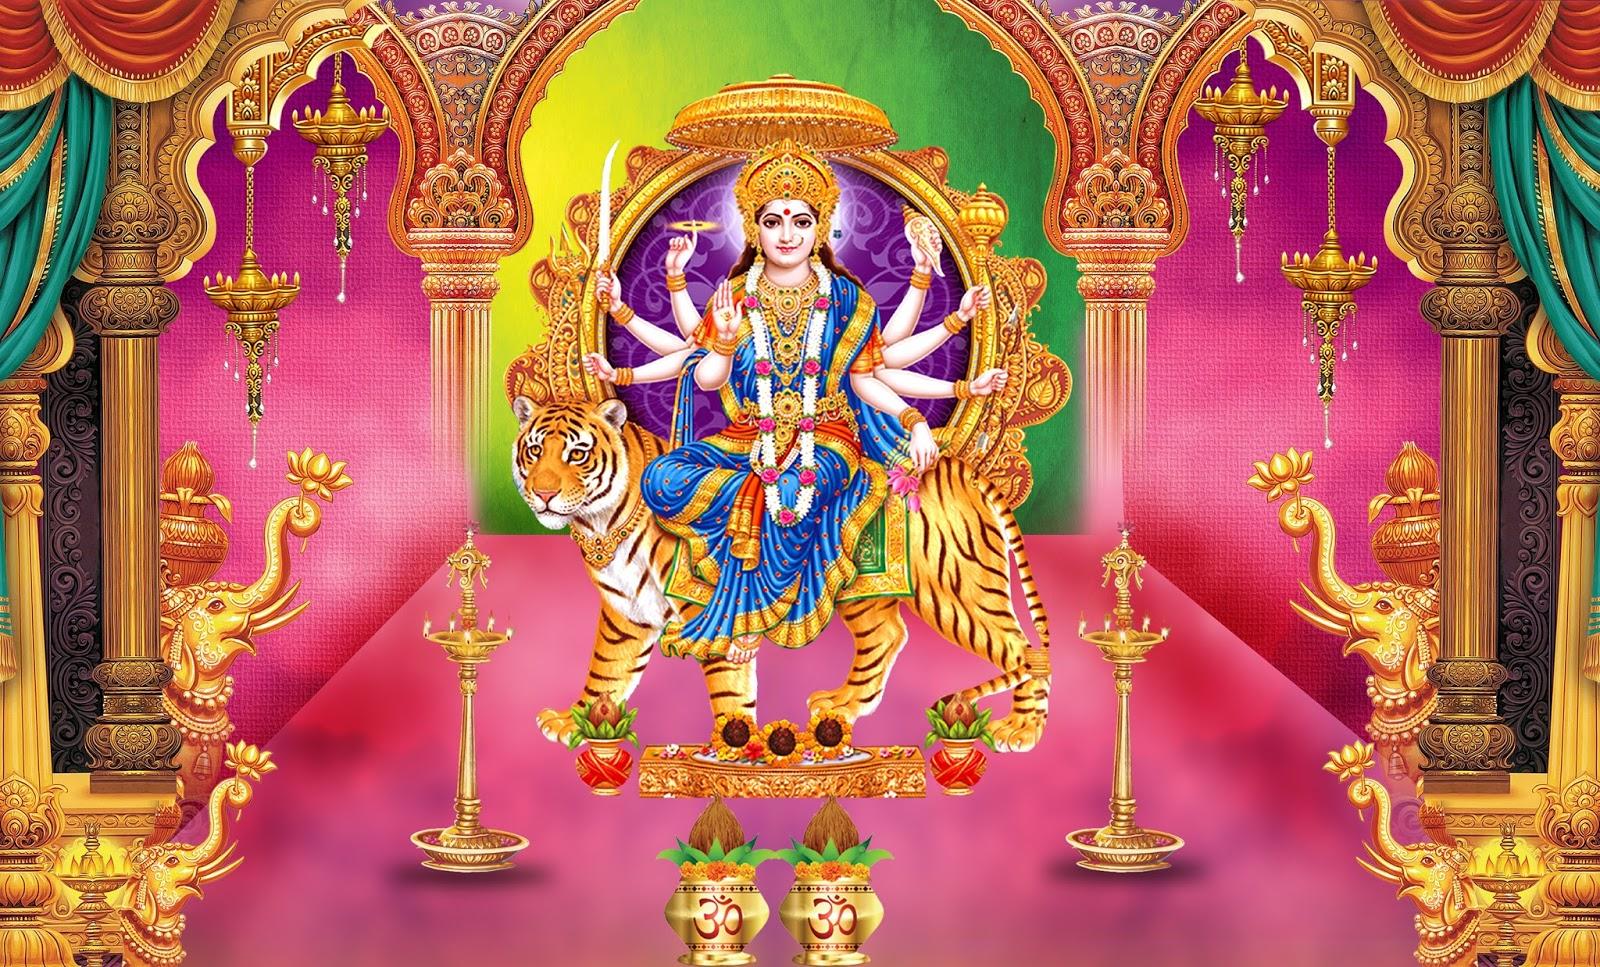 hindu lord durga mata hd photos and wallpapers free downloads